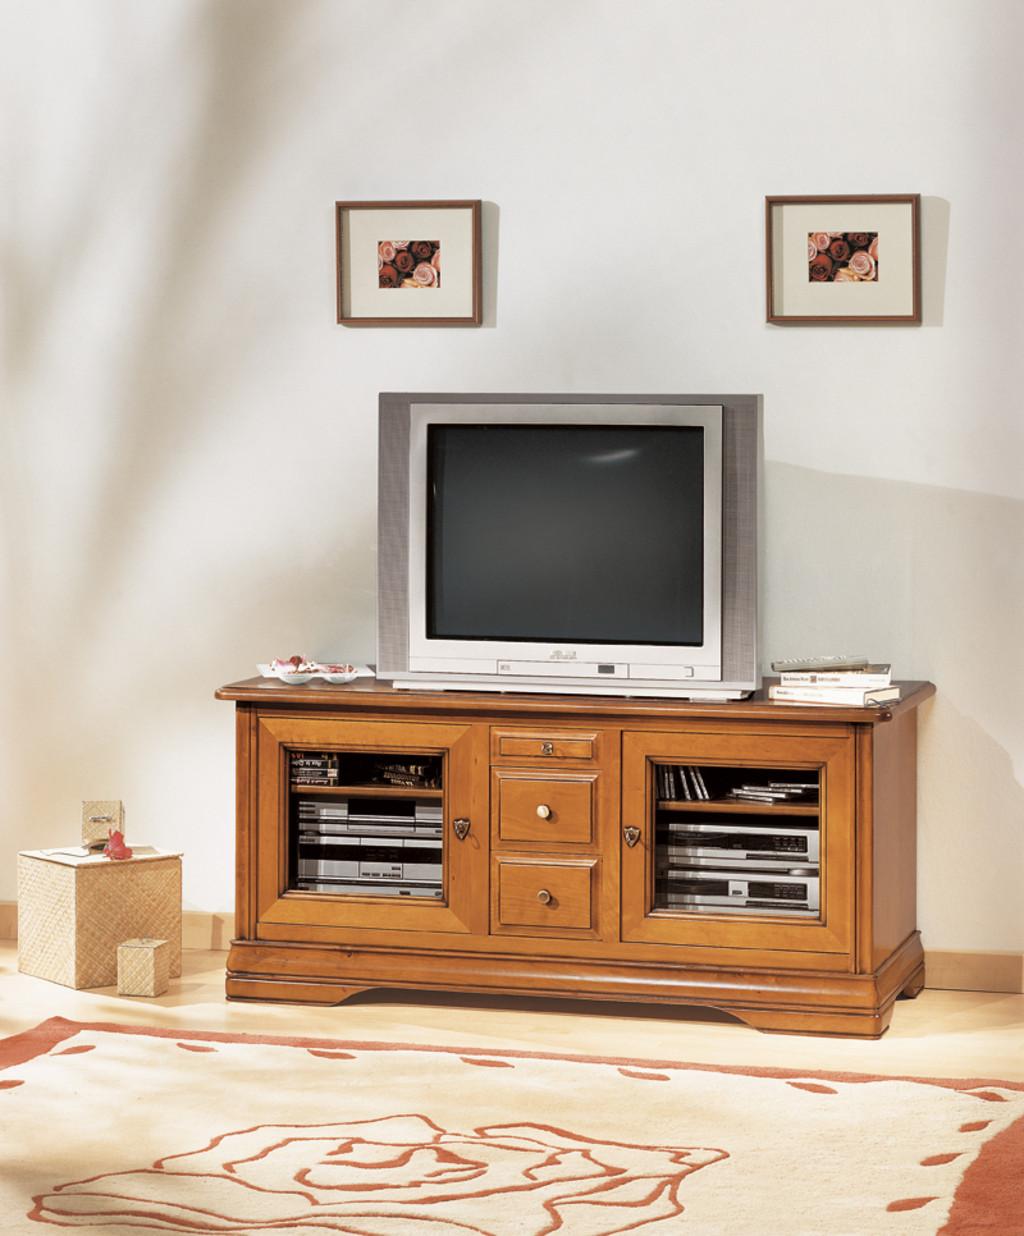 Meuble Tv Merisier Massif En 130 Meubles Turone # Meuble Tv En Merisier Massif